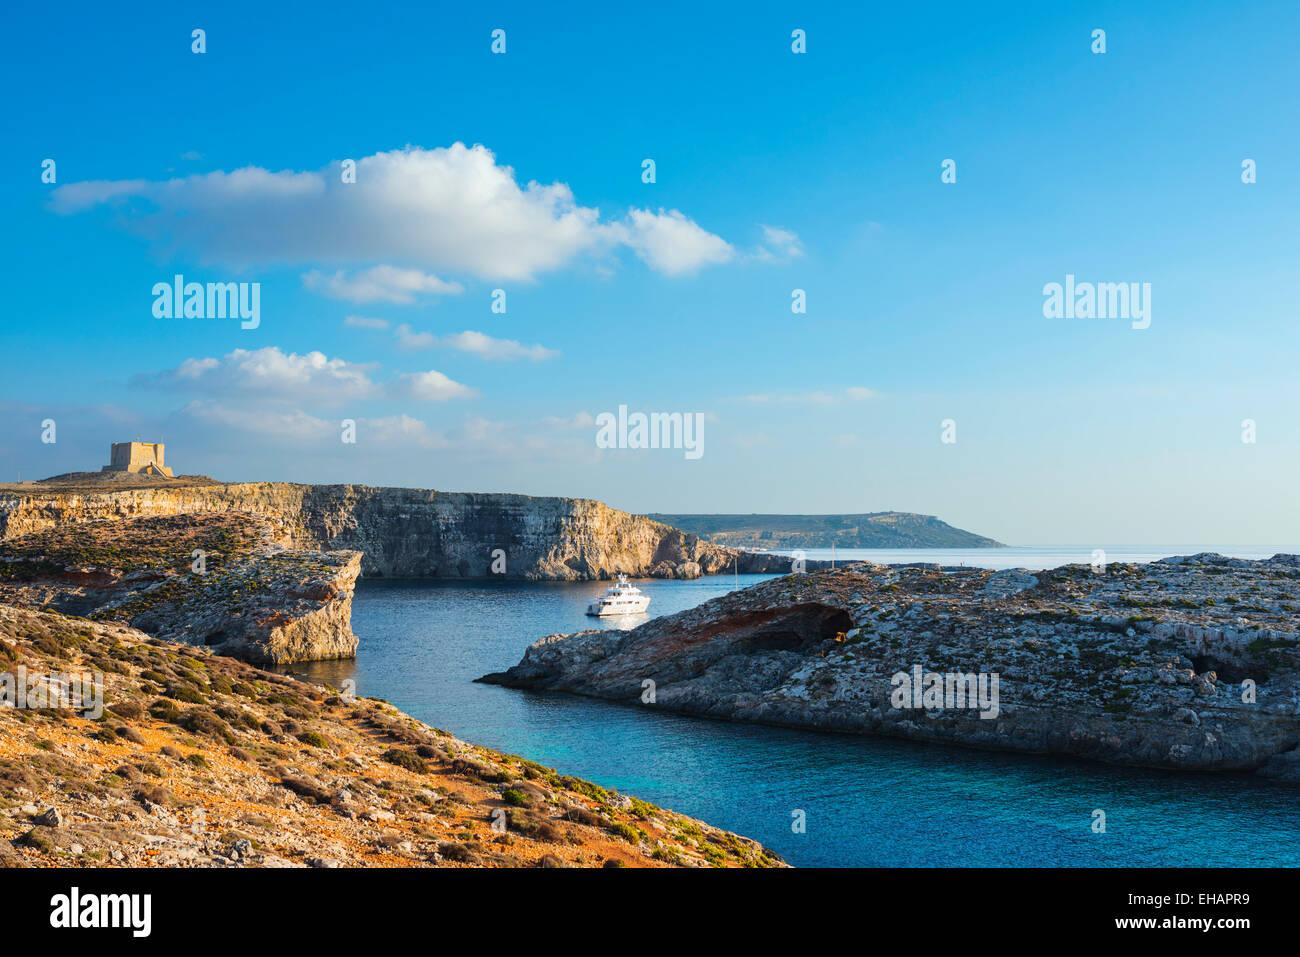 La Europa del Mediterráneo, Malta, isla de Comino, acantilado atalaya Imagen De Stock